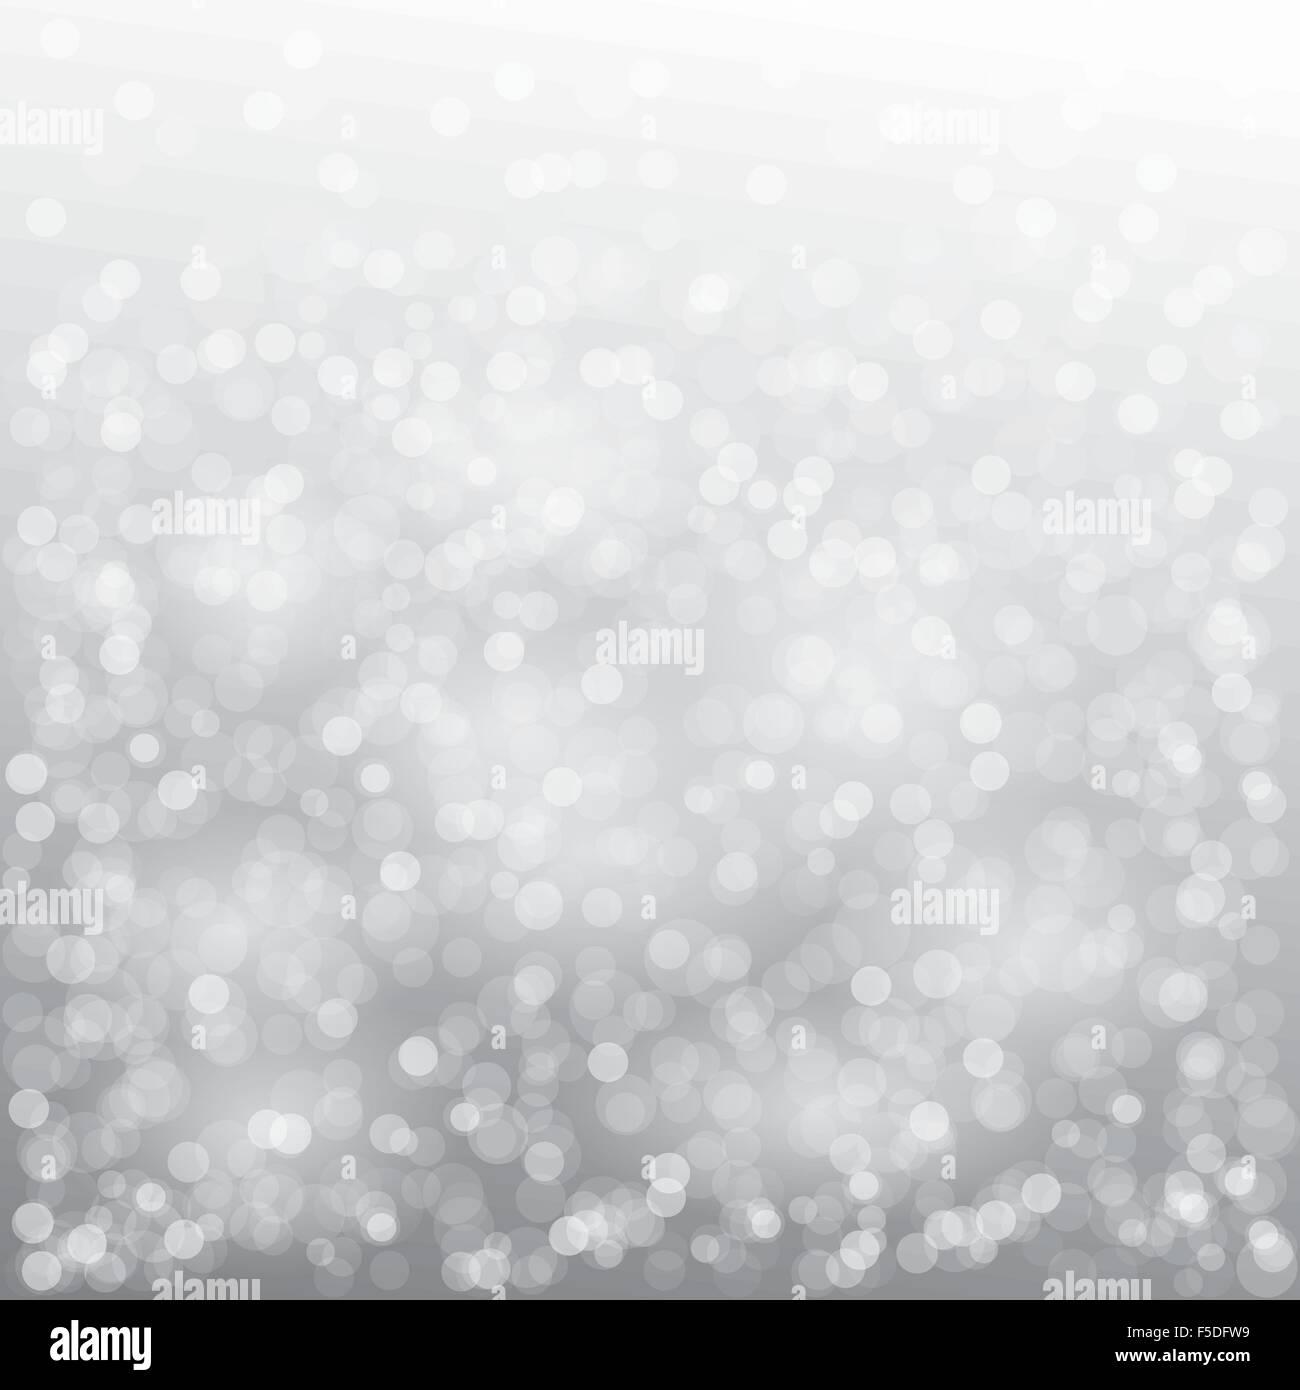 Scheda di Natale design con il simbolo del fiocco di neve su sfondo grigio Immagini Stock